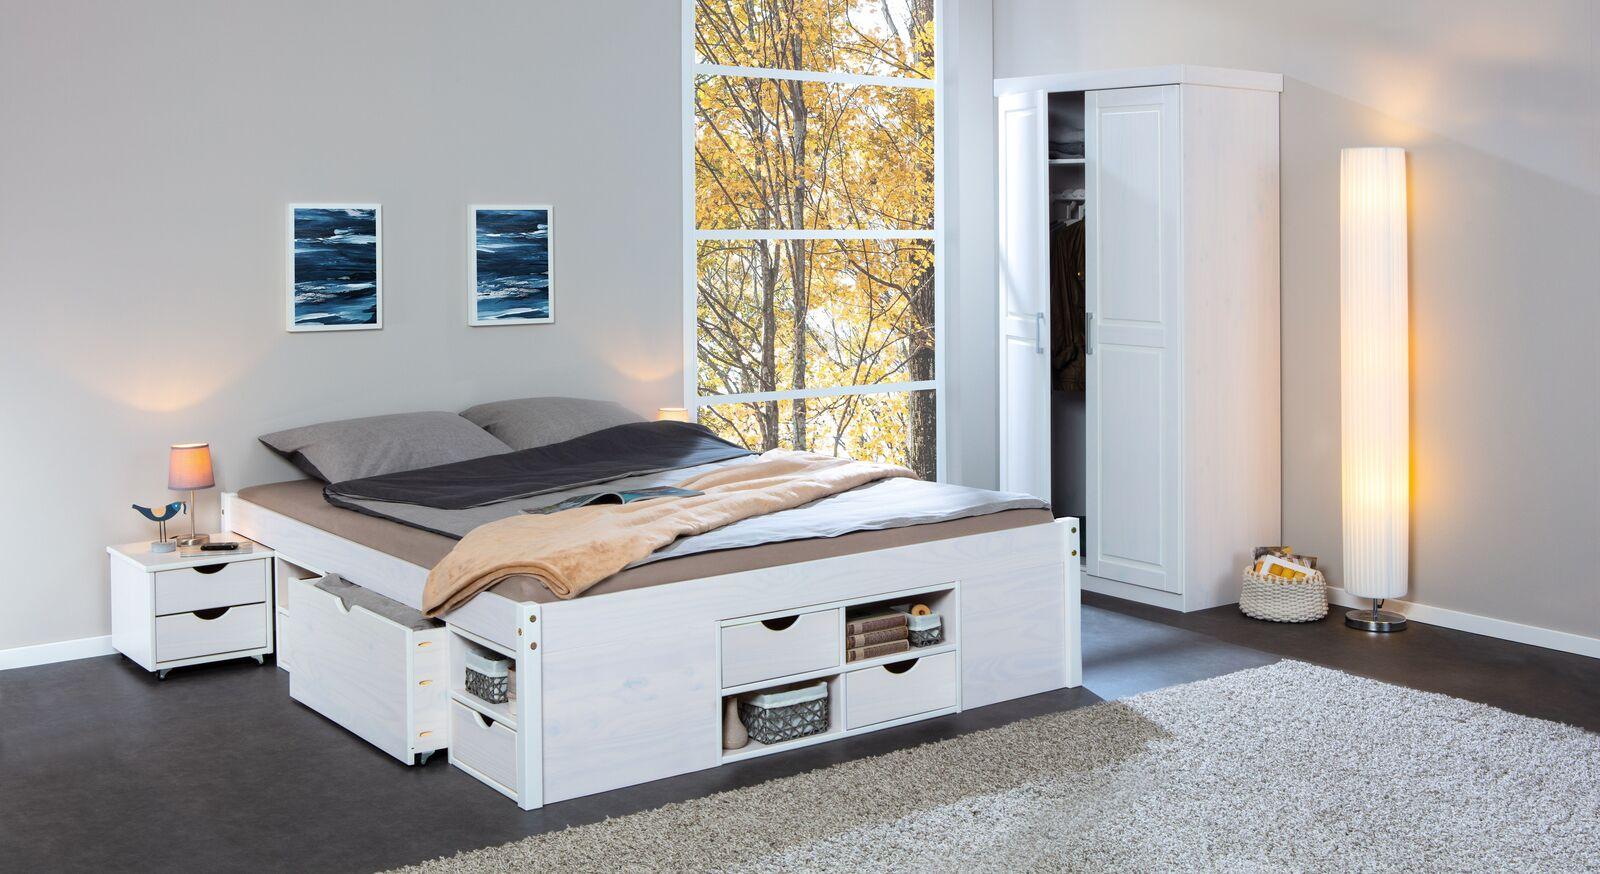 Schubkasten-Doppelbett Göteborg mit passendem Schrank